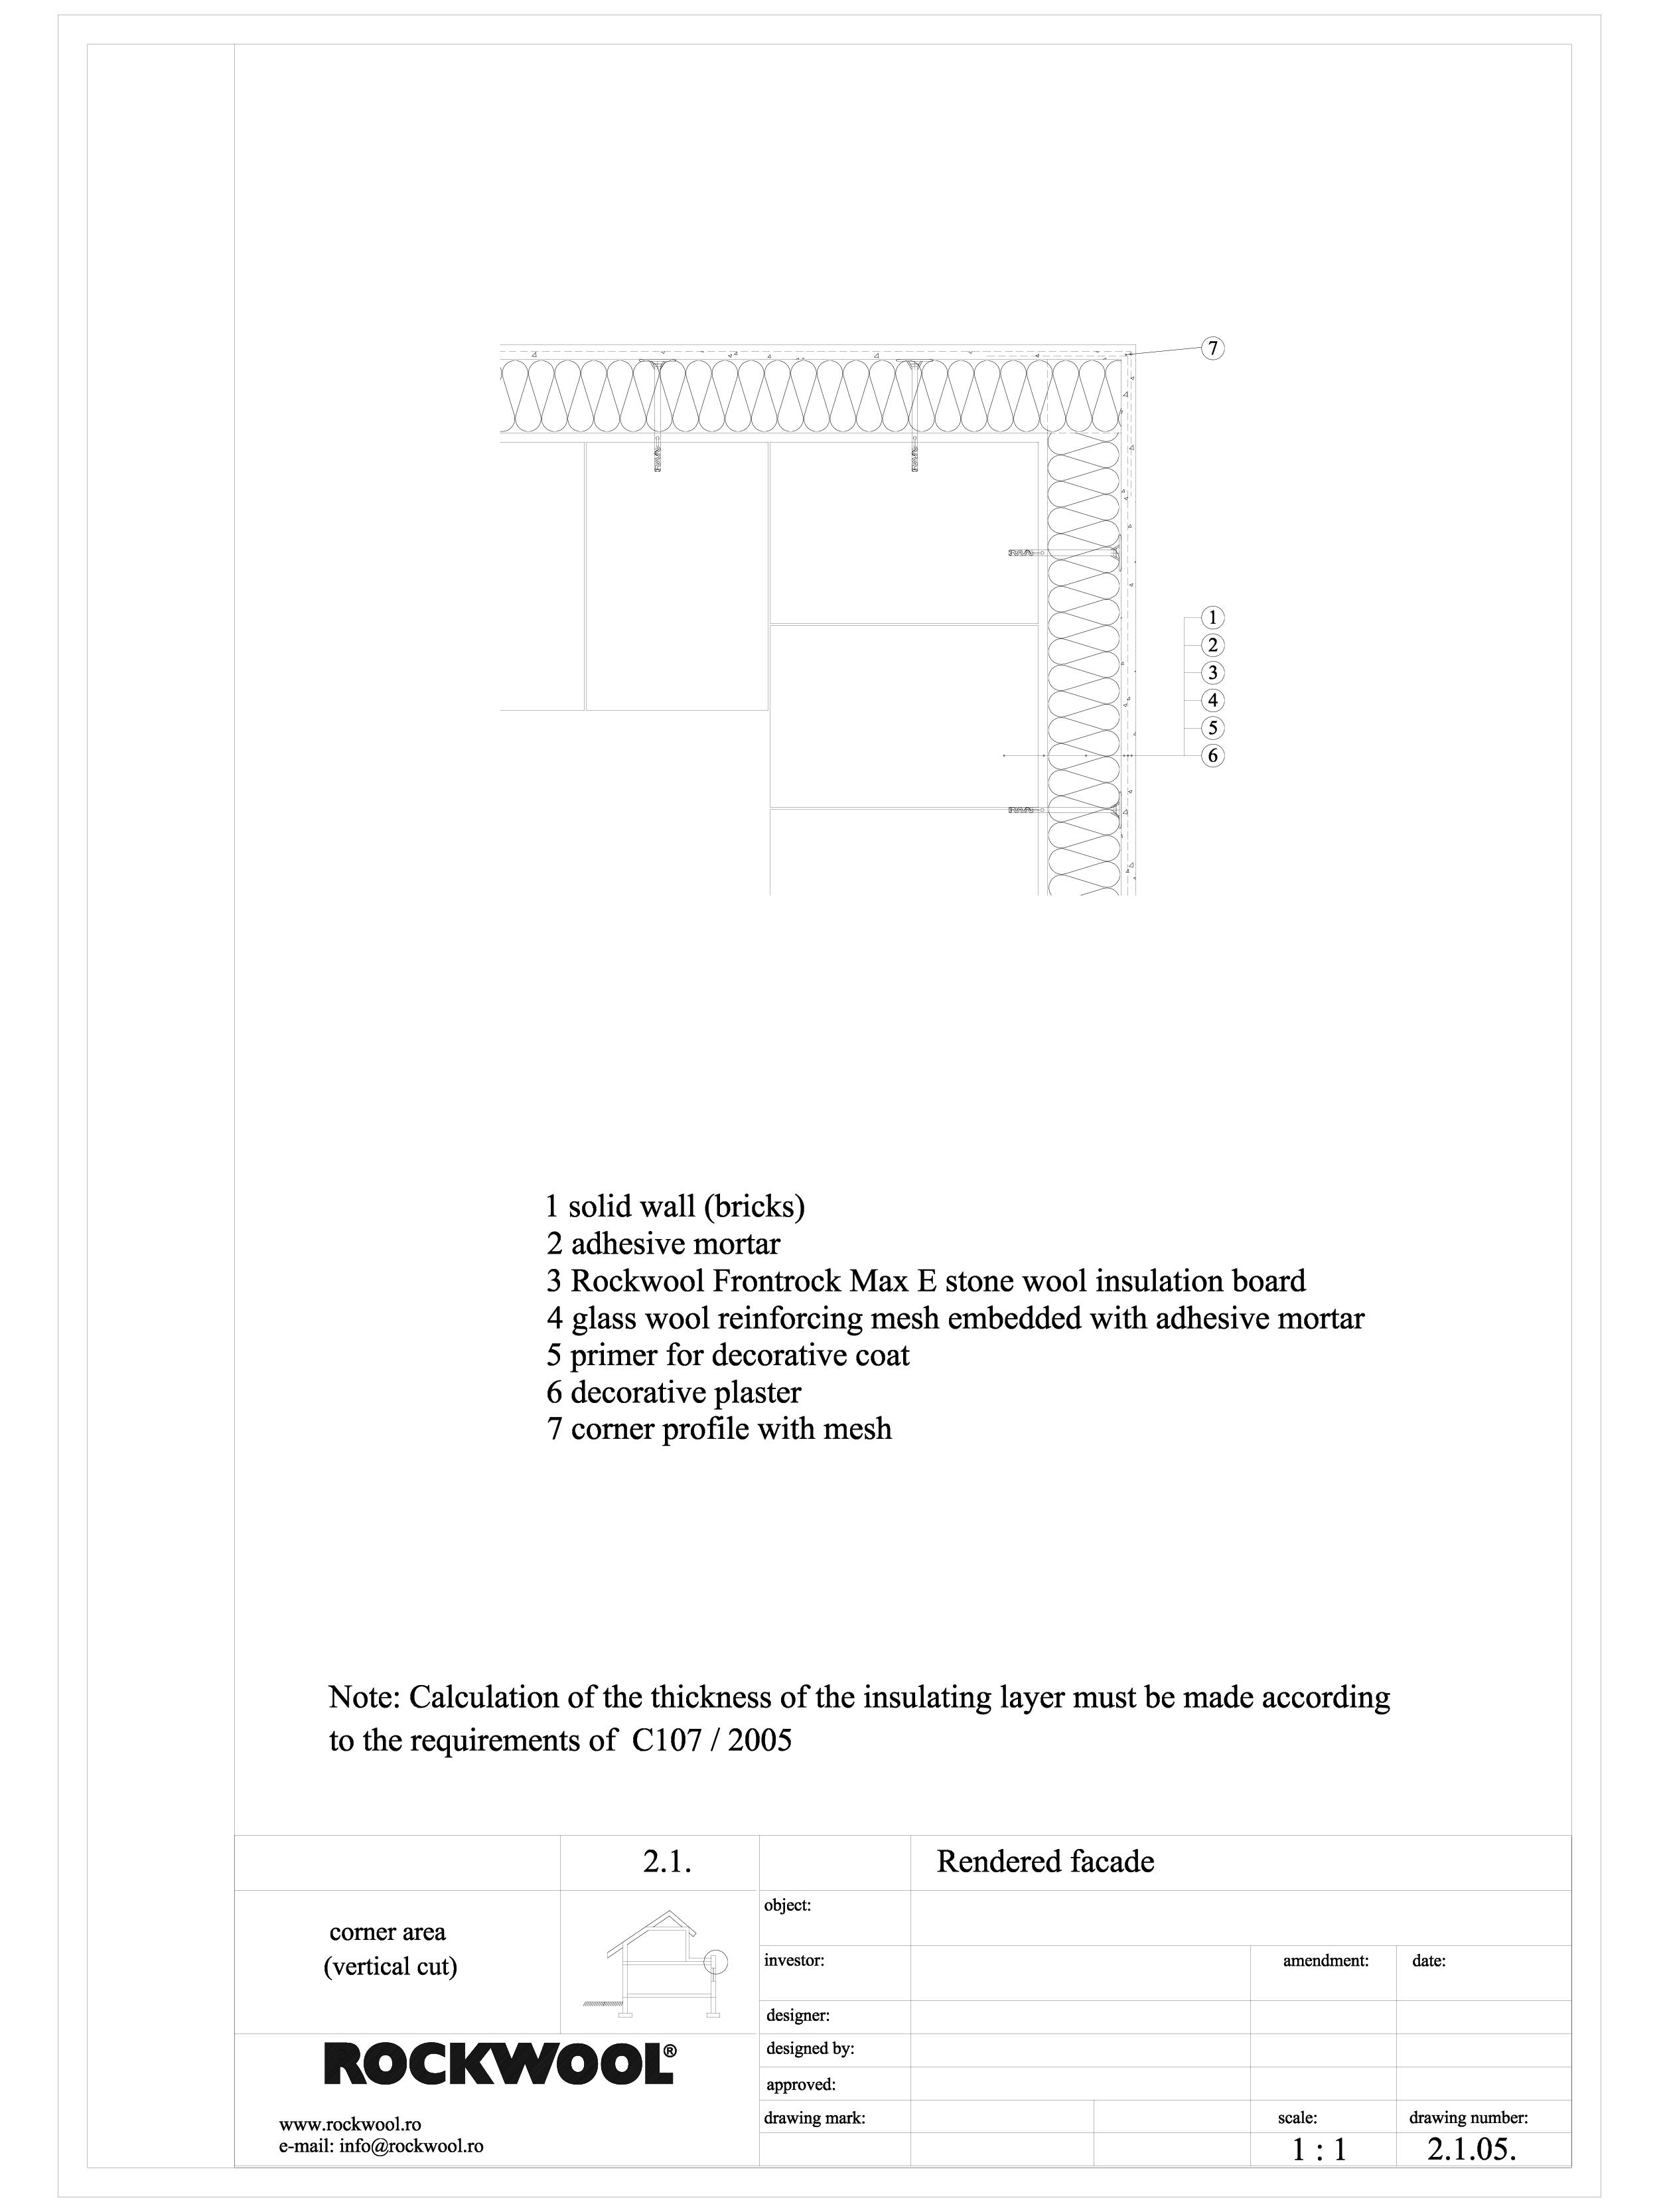 Termoizolarea fatadelor tencuite - detaliu de colt iesit ROCKWOOL Termoizolatie vata bazaltica pentru fatade ventilate ROCKWOOL ROMANIA  - Pagina 1